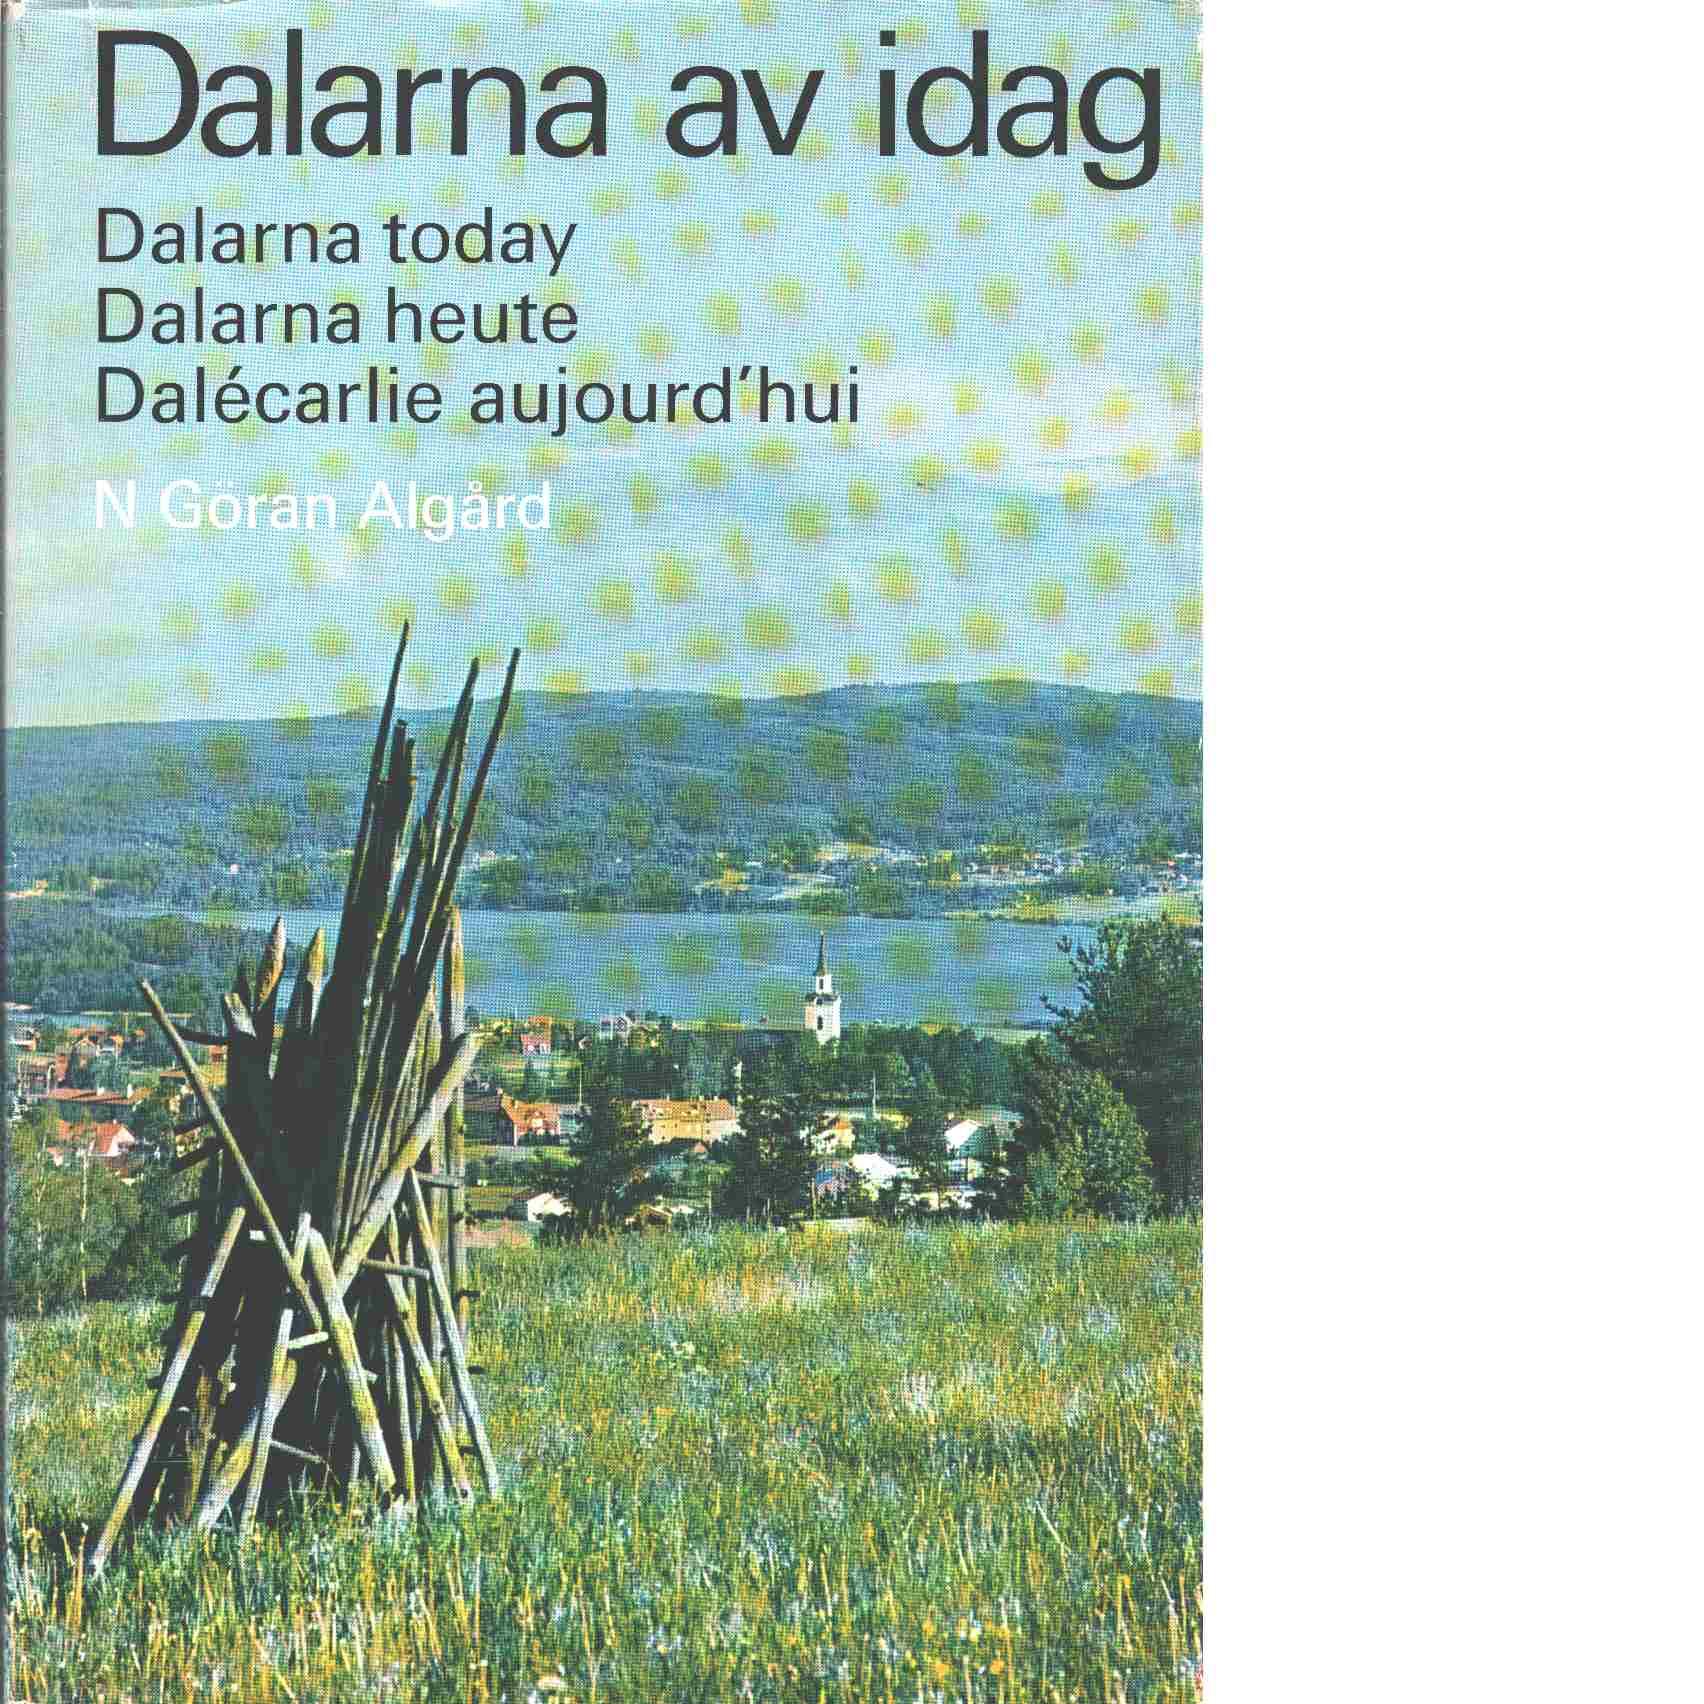 Dalarna av idag - Algård, Göran